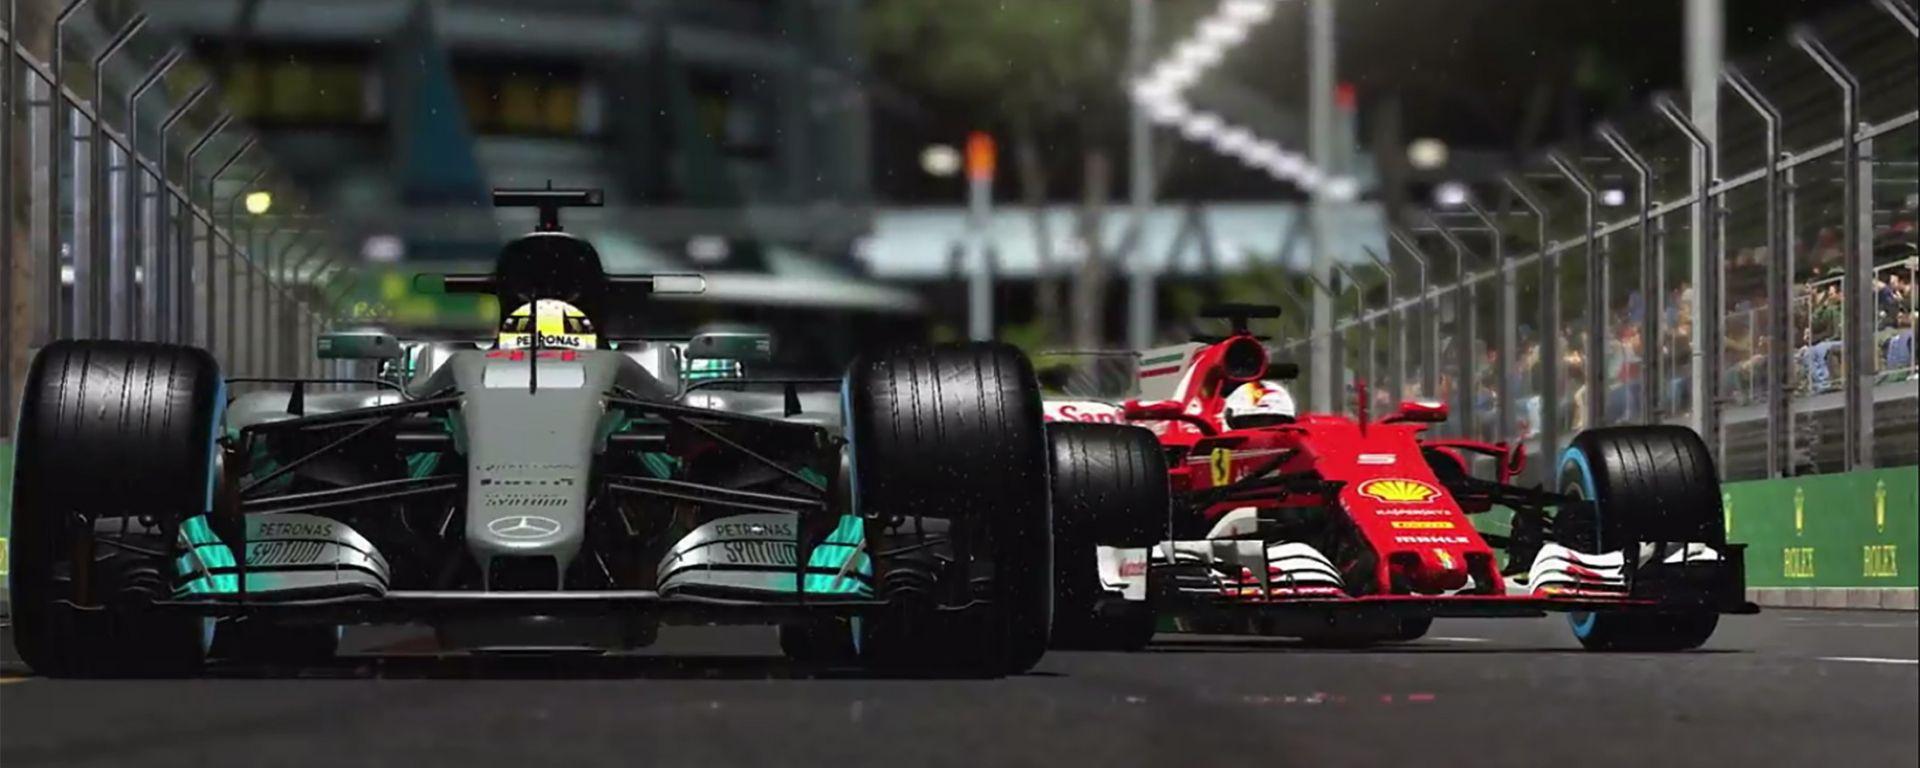 È uscito il videogioco F1 2017